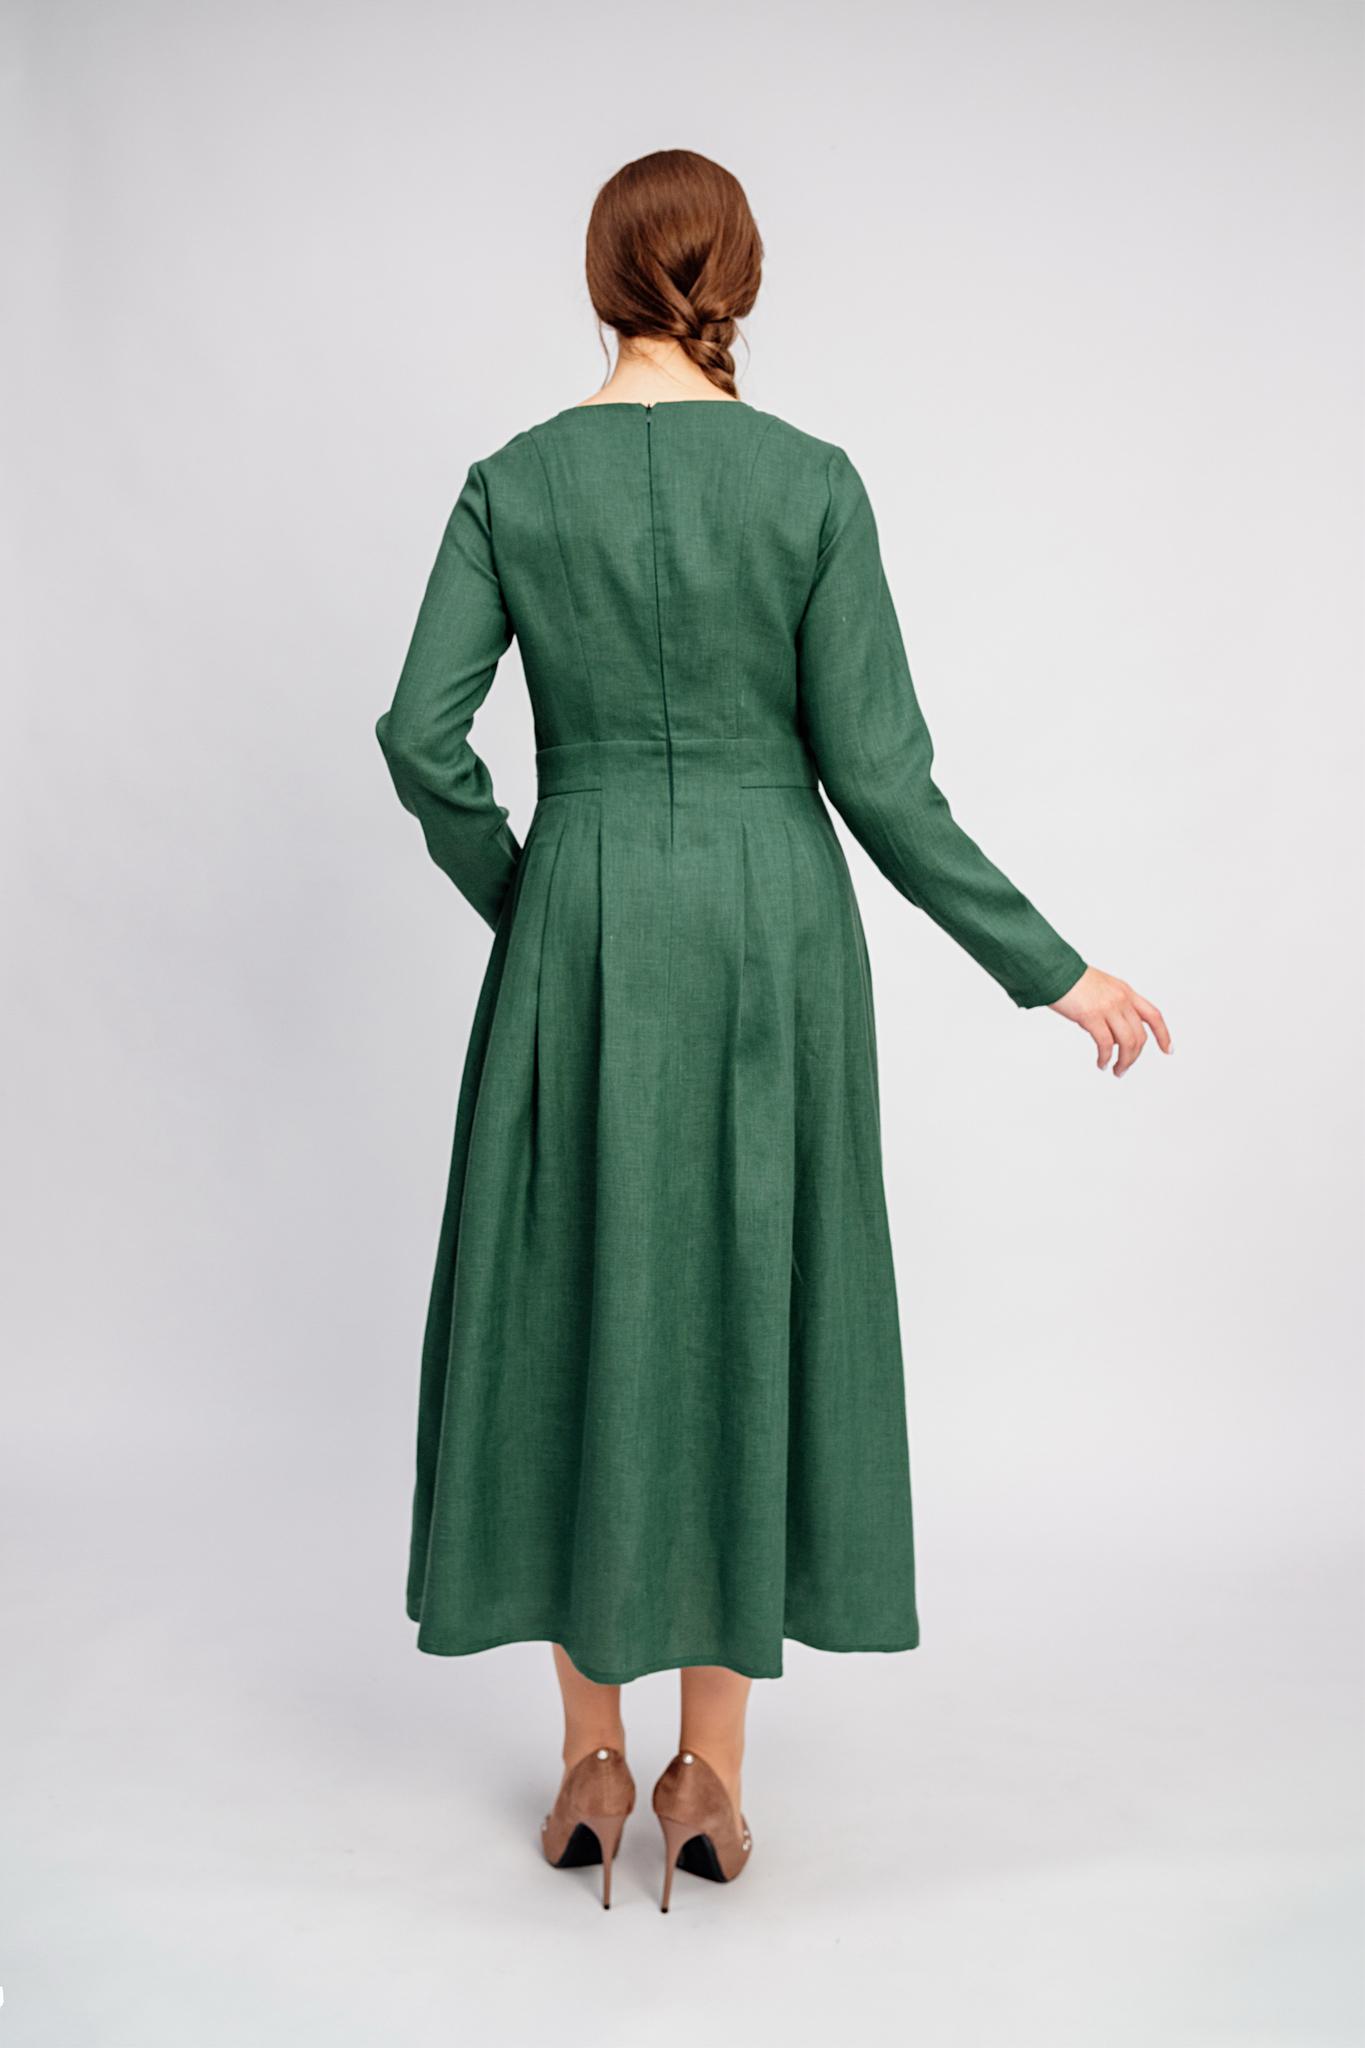 Платье в офис льняное Молодо-зелено